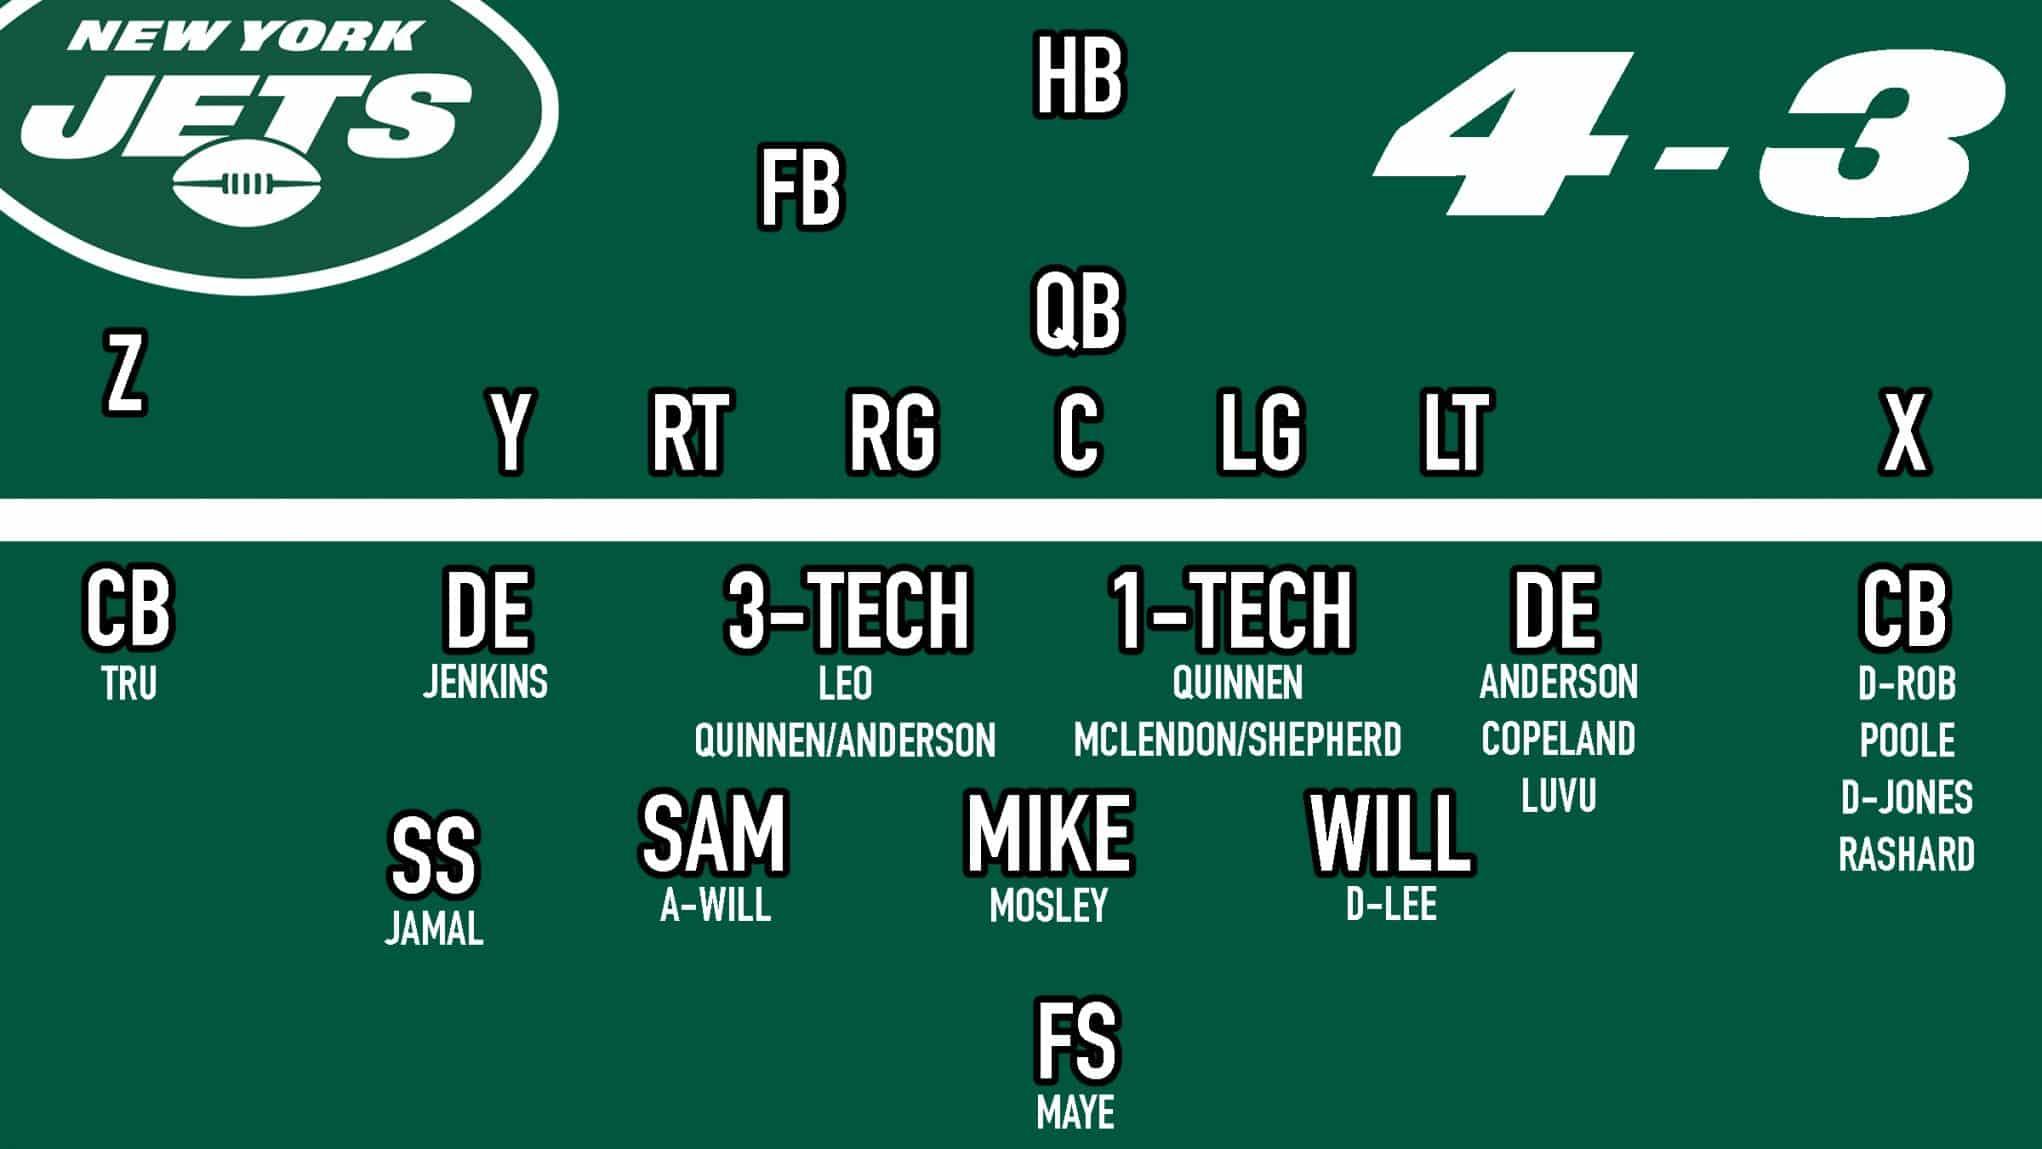 Jets 4-3